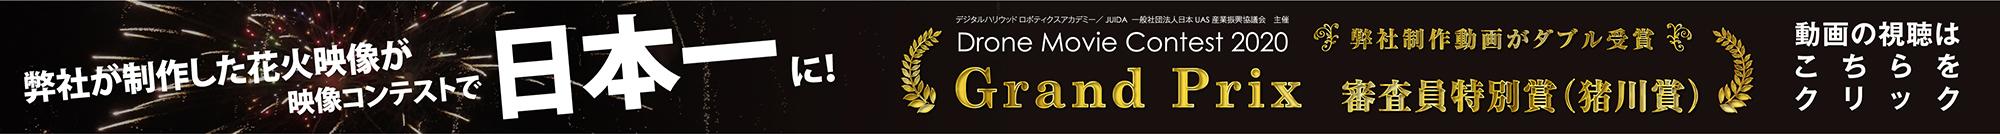 Drone Movie Contest 2020 グランプリ受賞